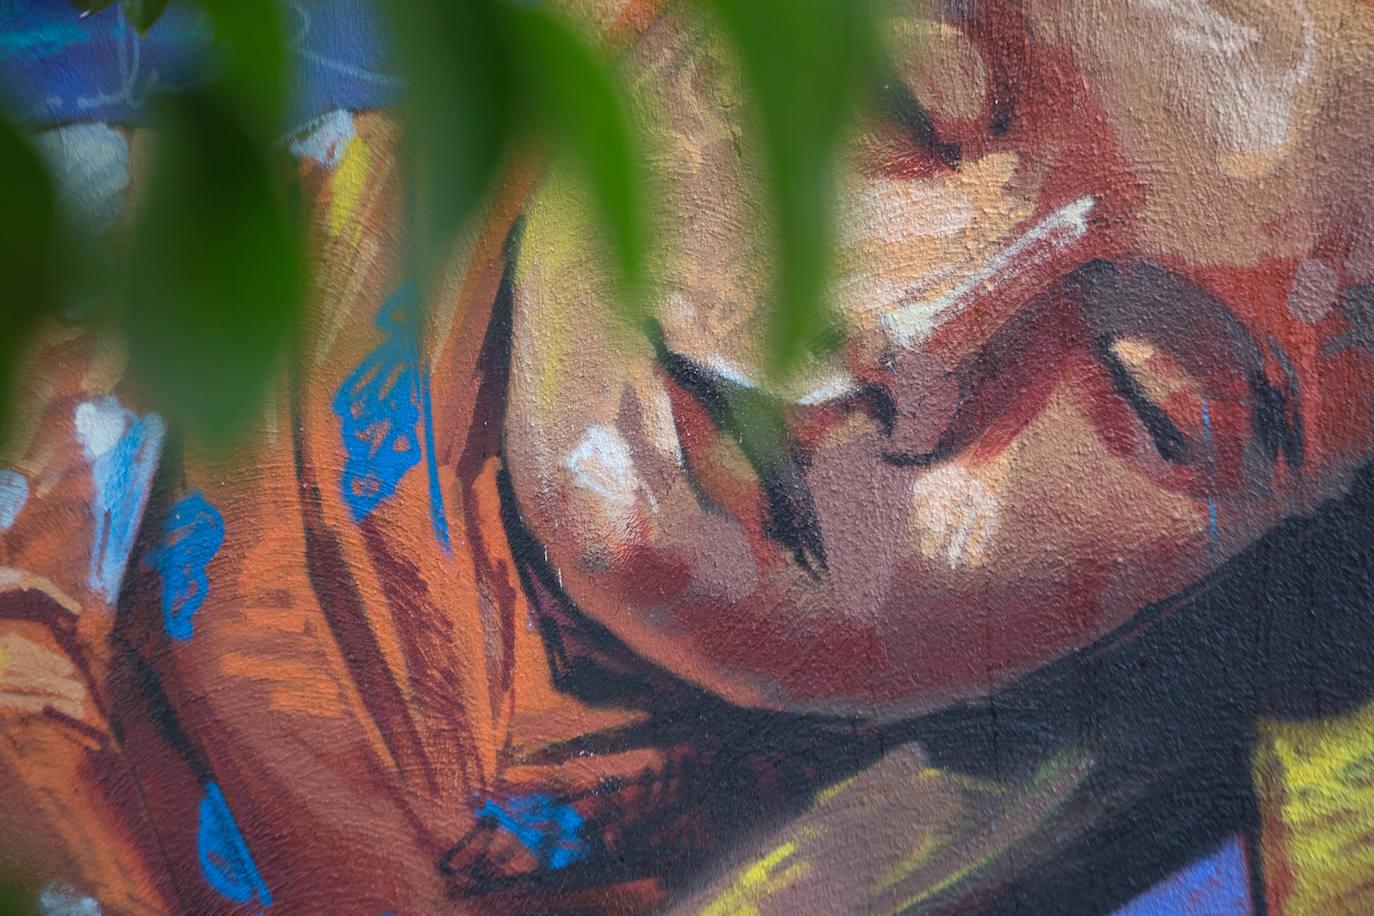 Detalle del grafiti.